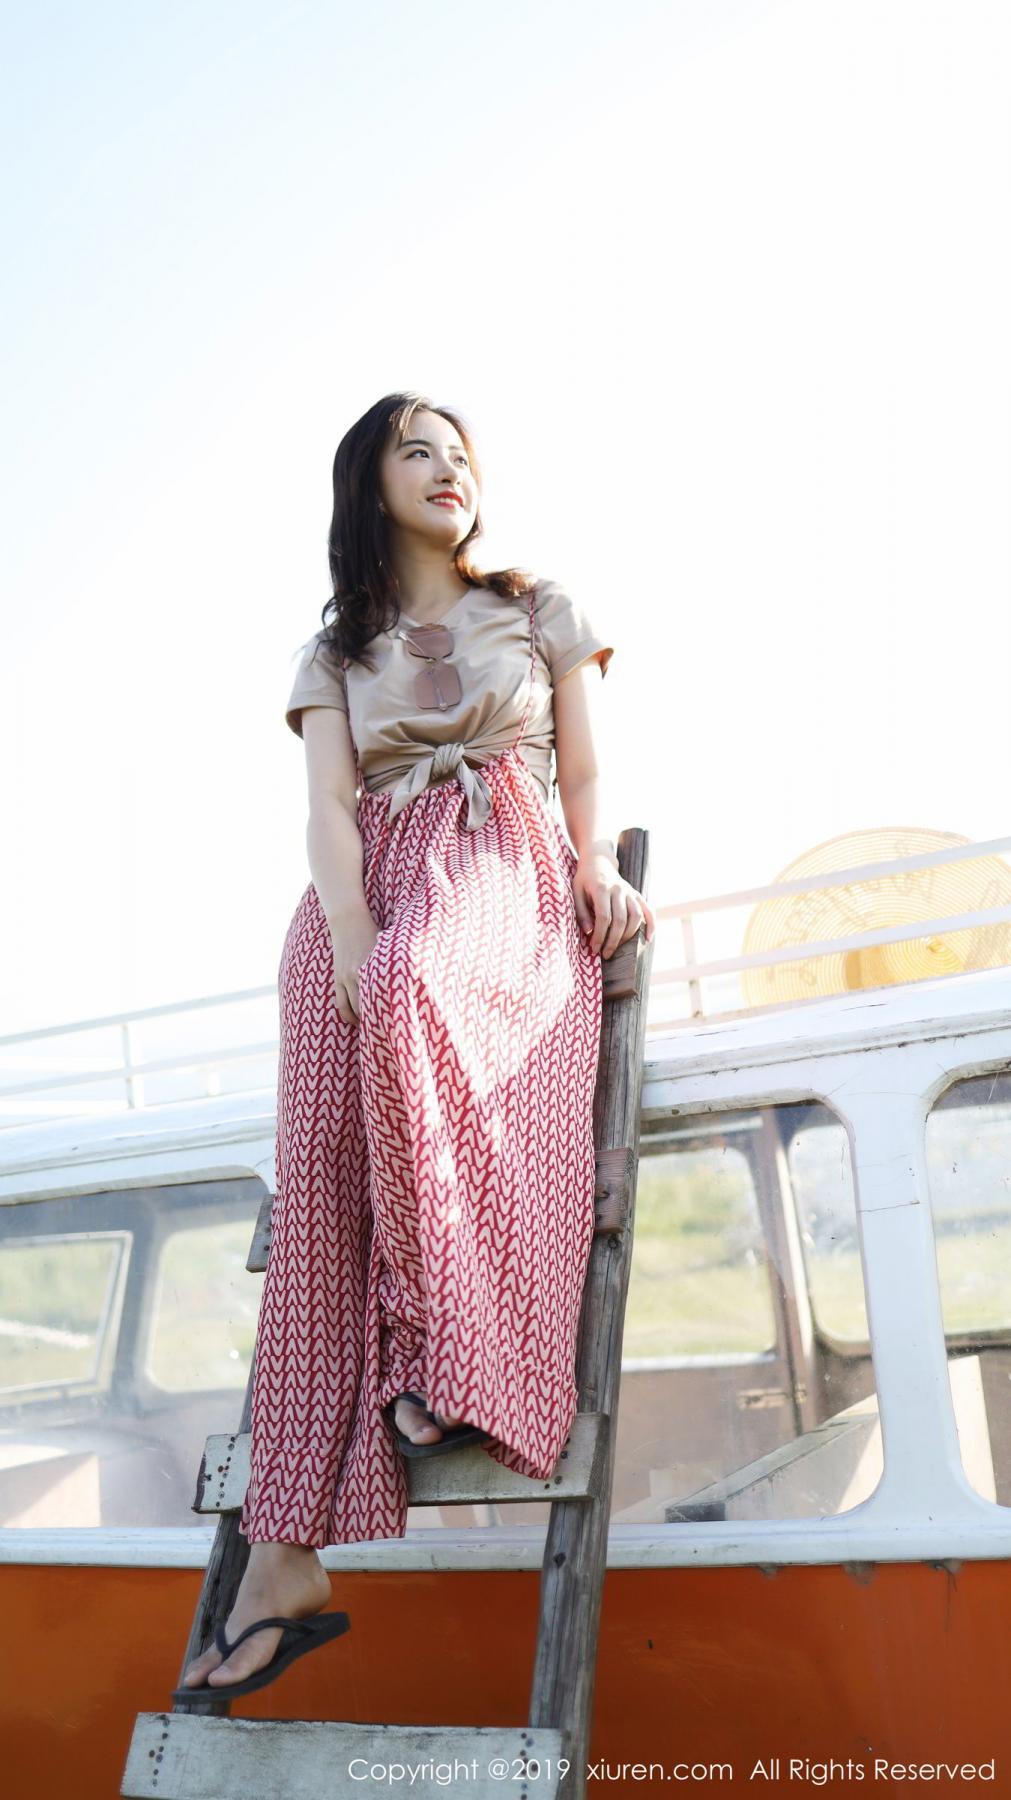 [XiuRen] Vol.1718 Gong Tian Yi 2P, Gong Tian Yi, Outdoor, Temperament, Xiuren